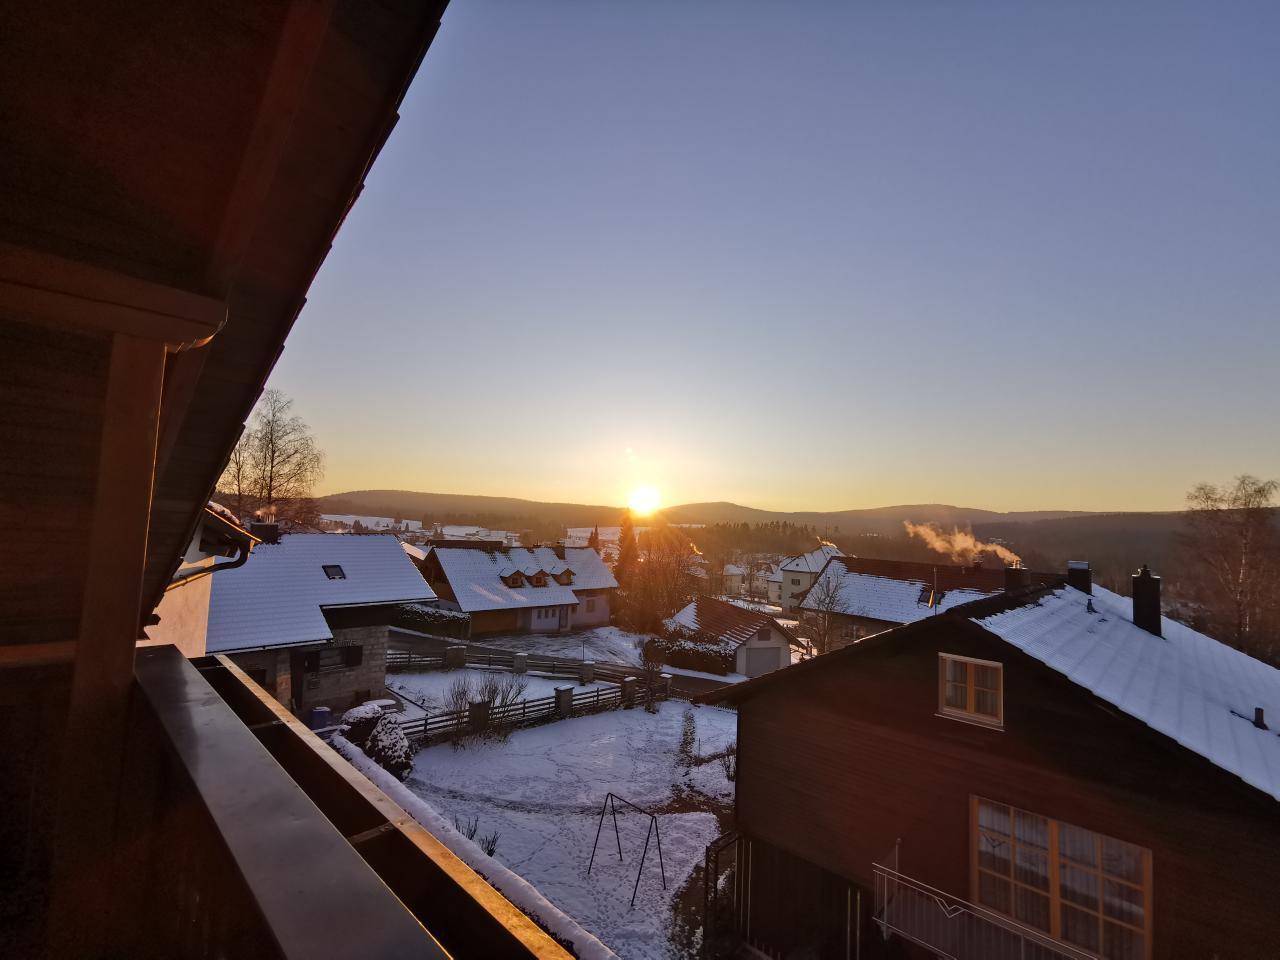 Ferienwohnung Haus Haidweg Wohnung 5 - 3 Zimmer, ca. 90 m² für 2-6 Personen im Dachgeschoss mit Balkon u (238755), Haidmühle, Bayerischer Wald, Bayern, Deutschland, Bild 9